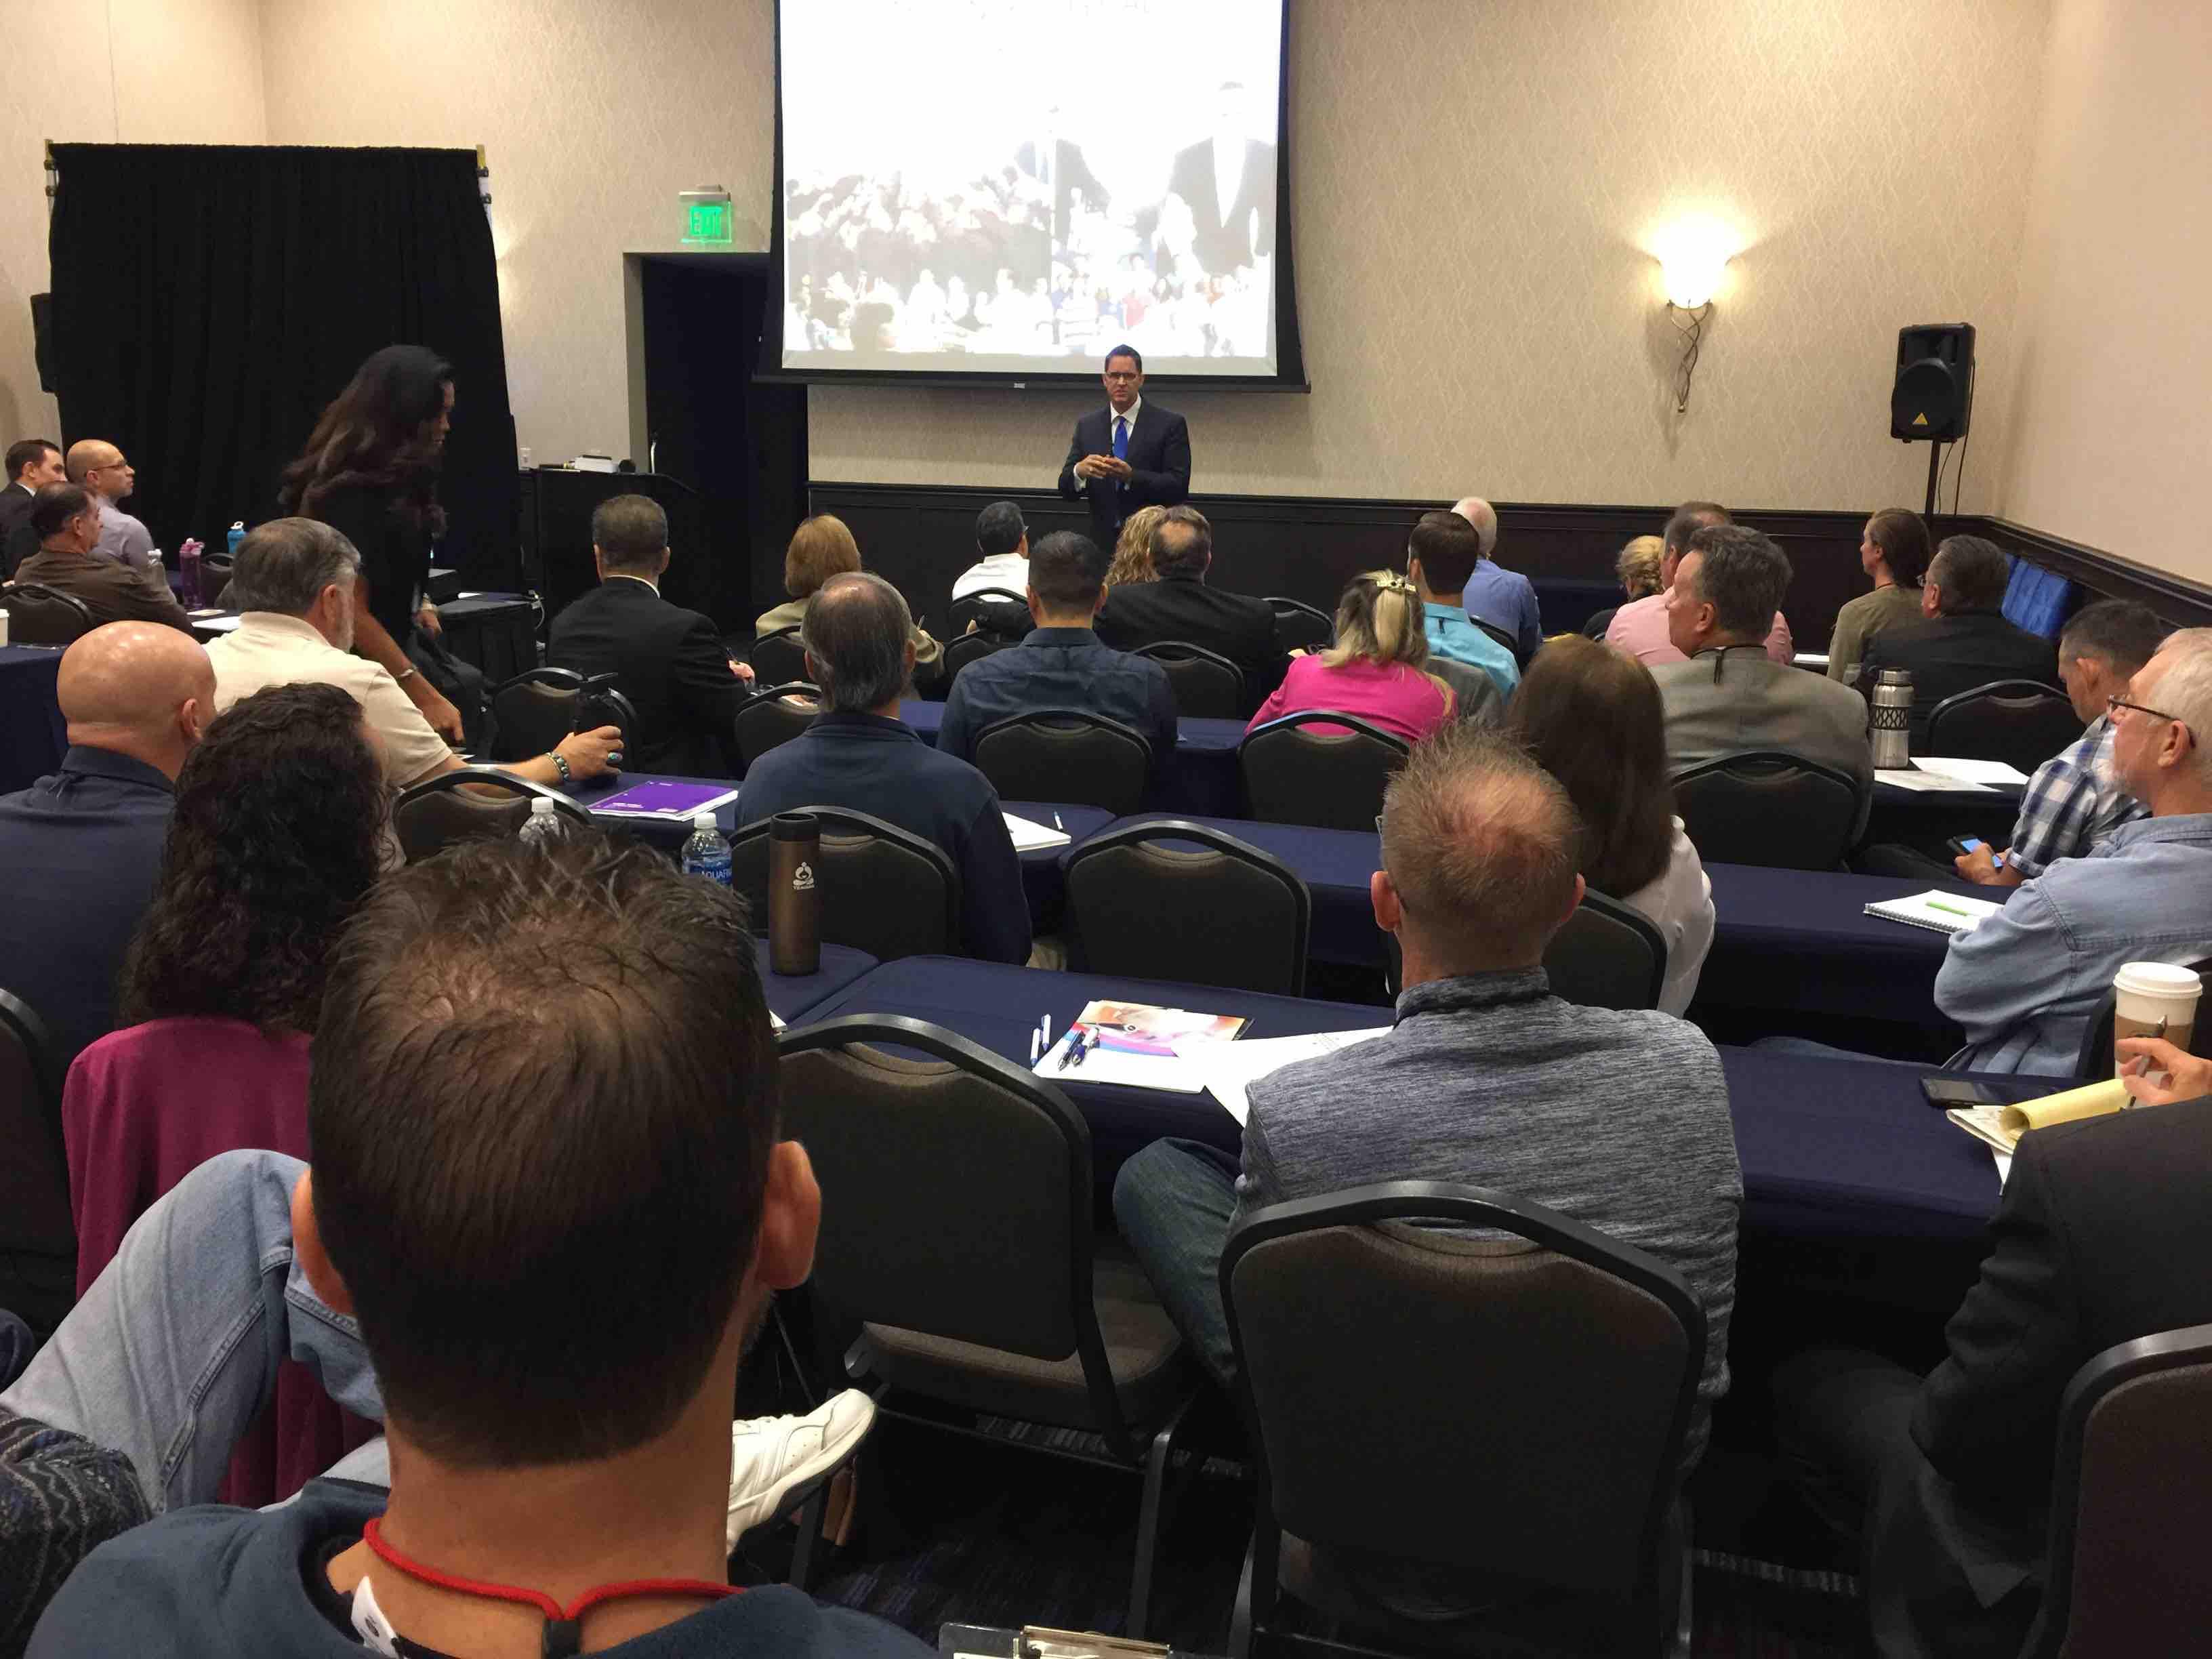 chiropractic_marketing_keynote_speaker_wes_schaeffer.jpg